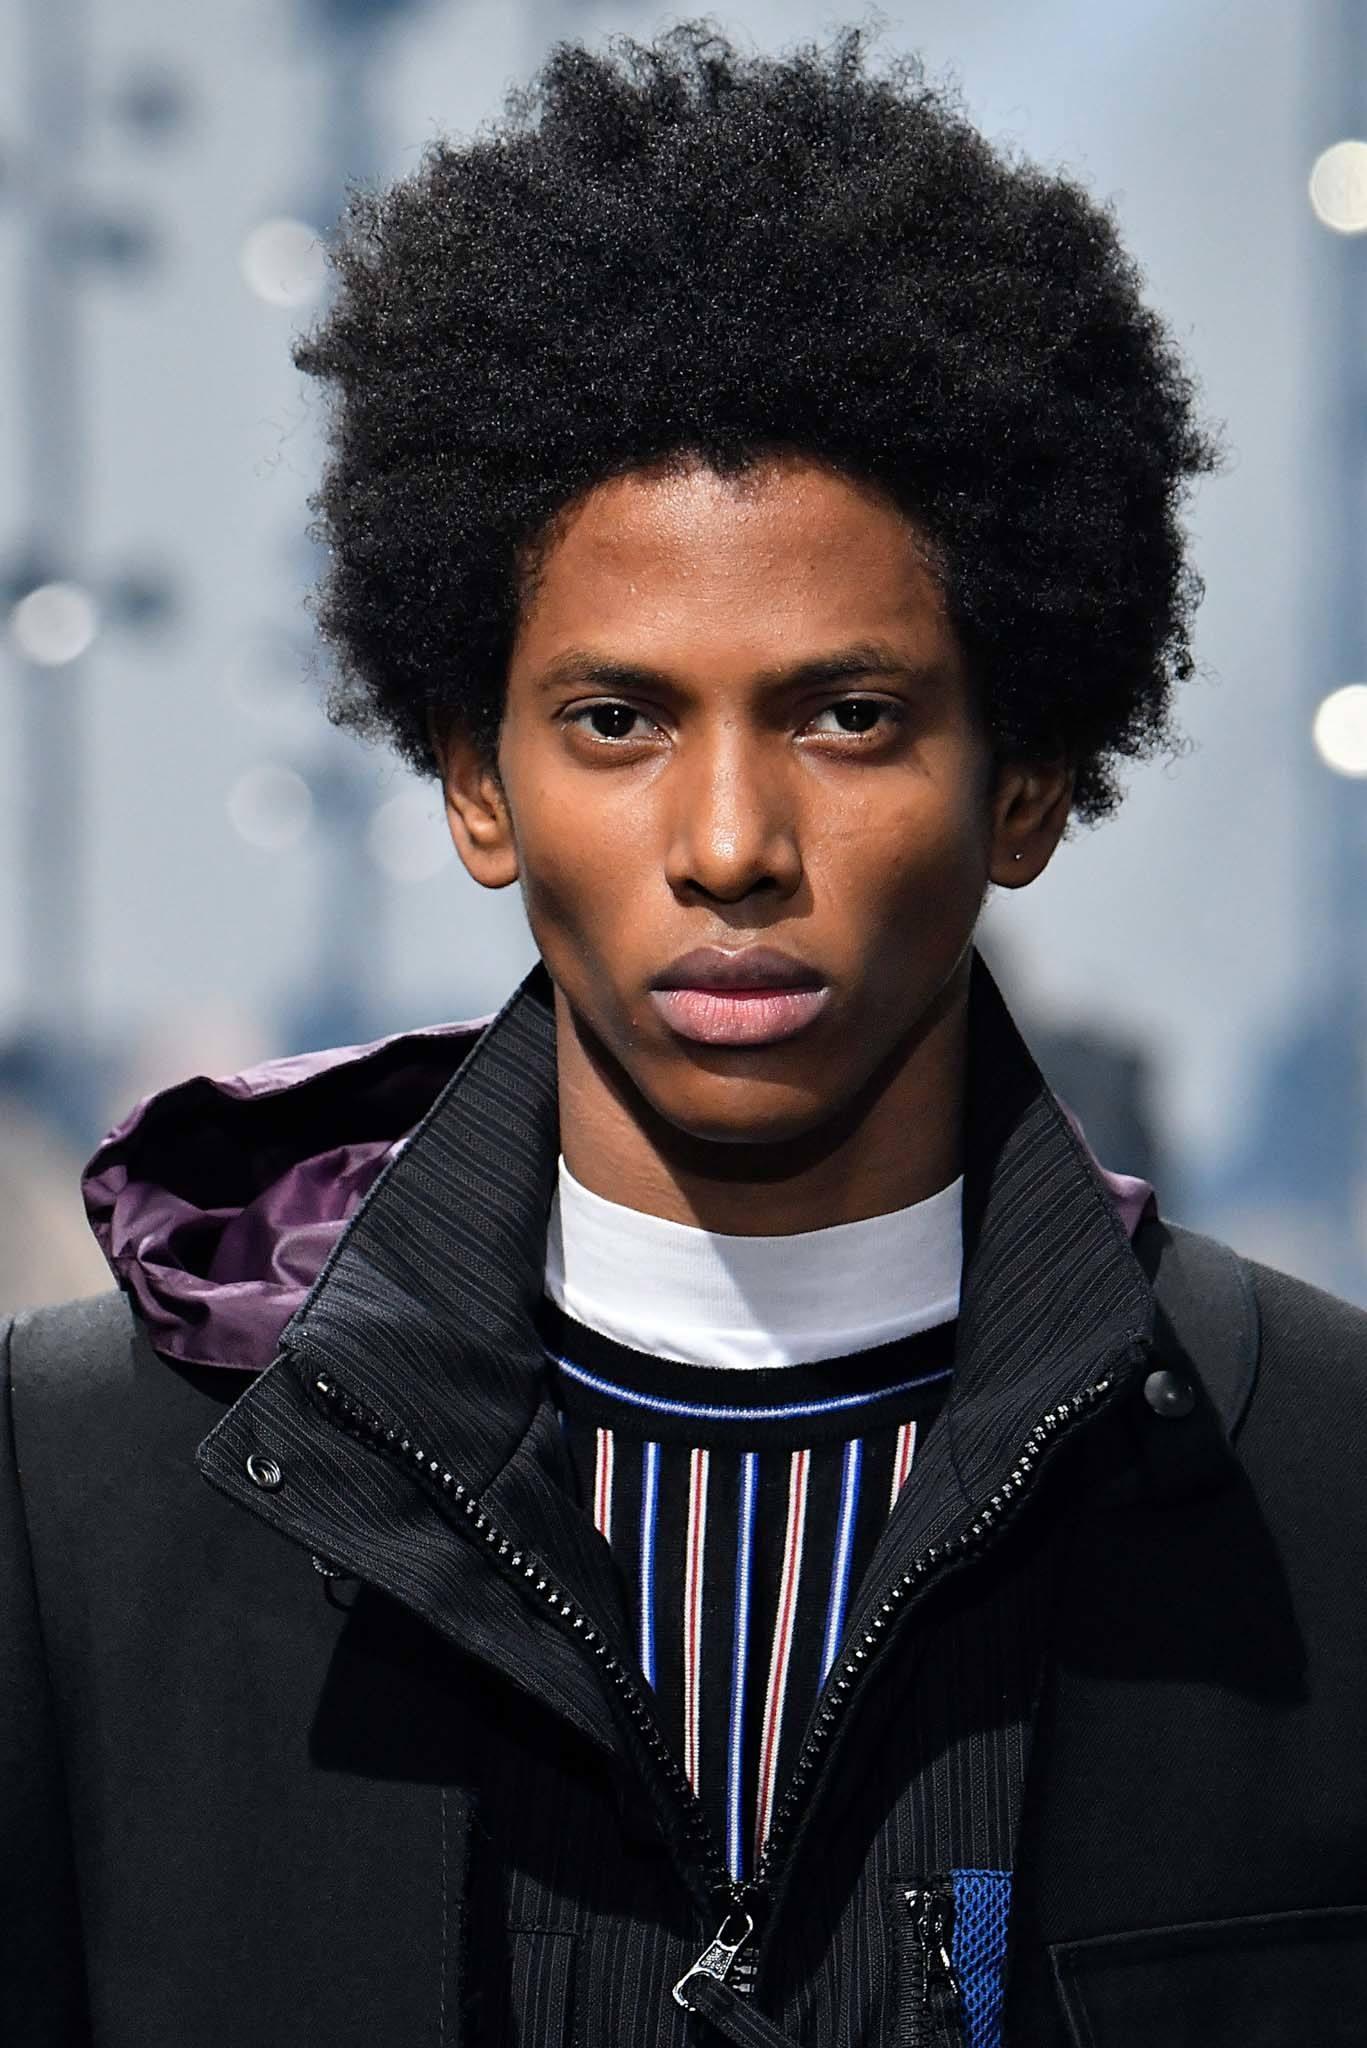 Homem com cabelo afro